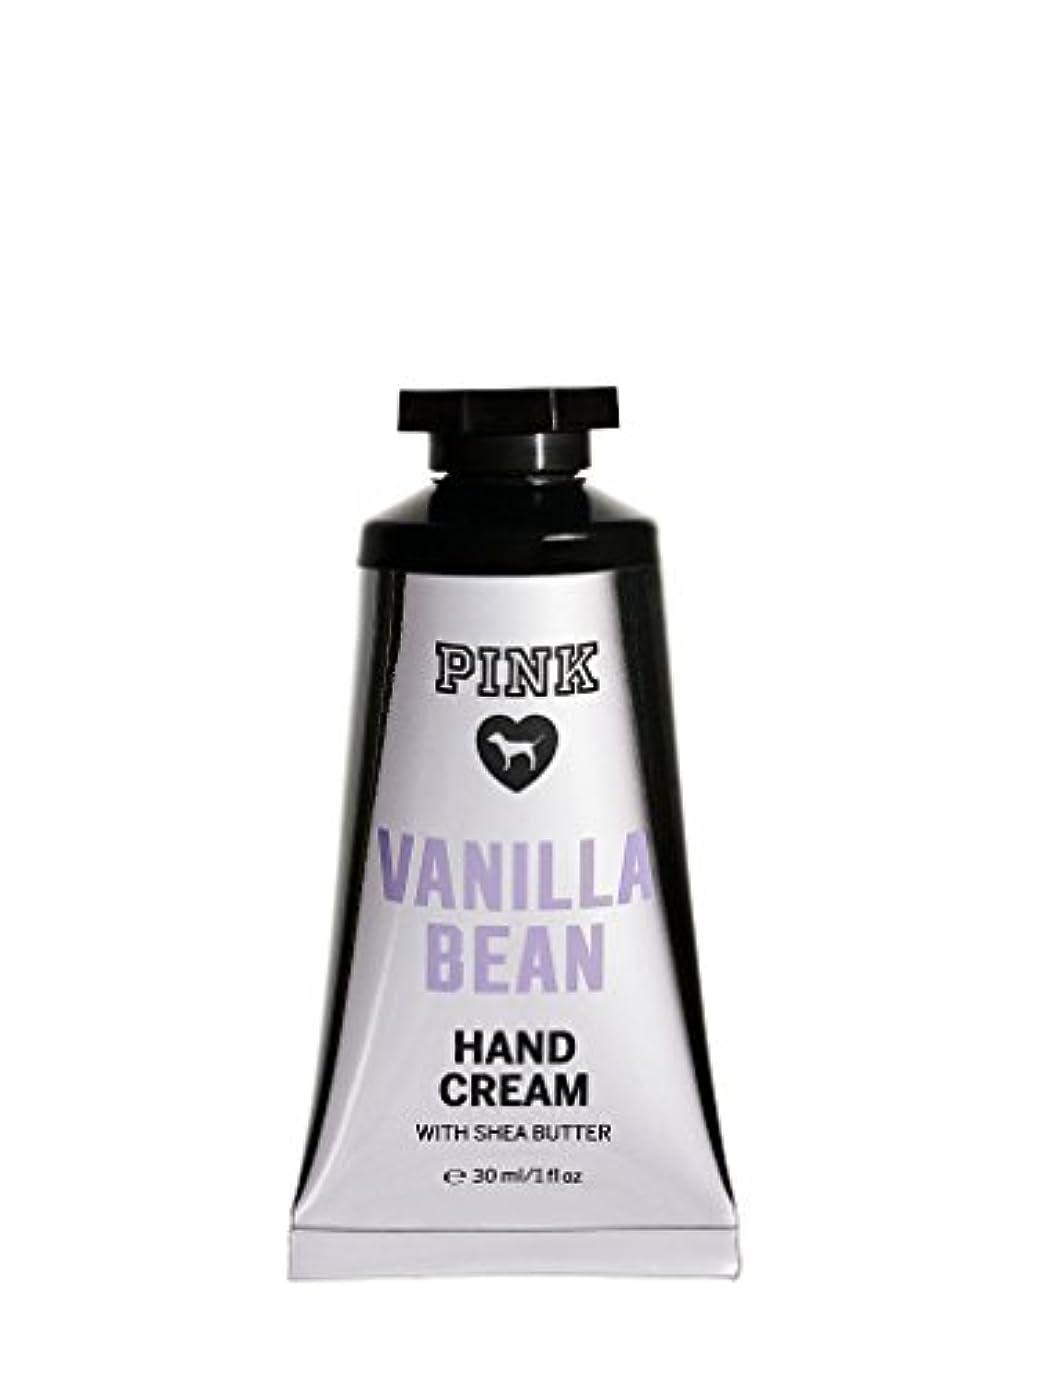 違反名詞楽観VICTORIA'S SECRET ヴィクトリアシークレット/ビクトリアシークレット PINK バニラビーンズ ハンドクリーム/PINK HAND CREAM [並行輸入品]